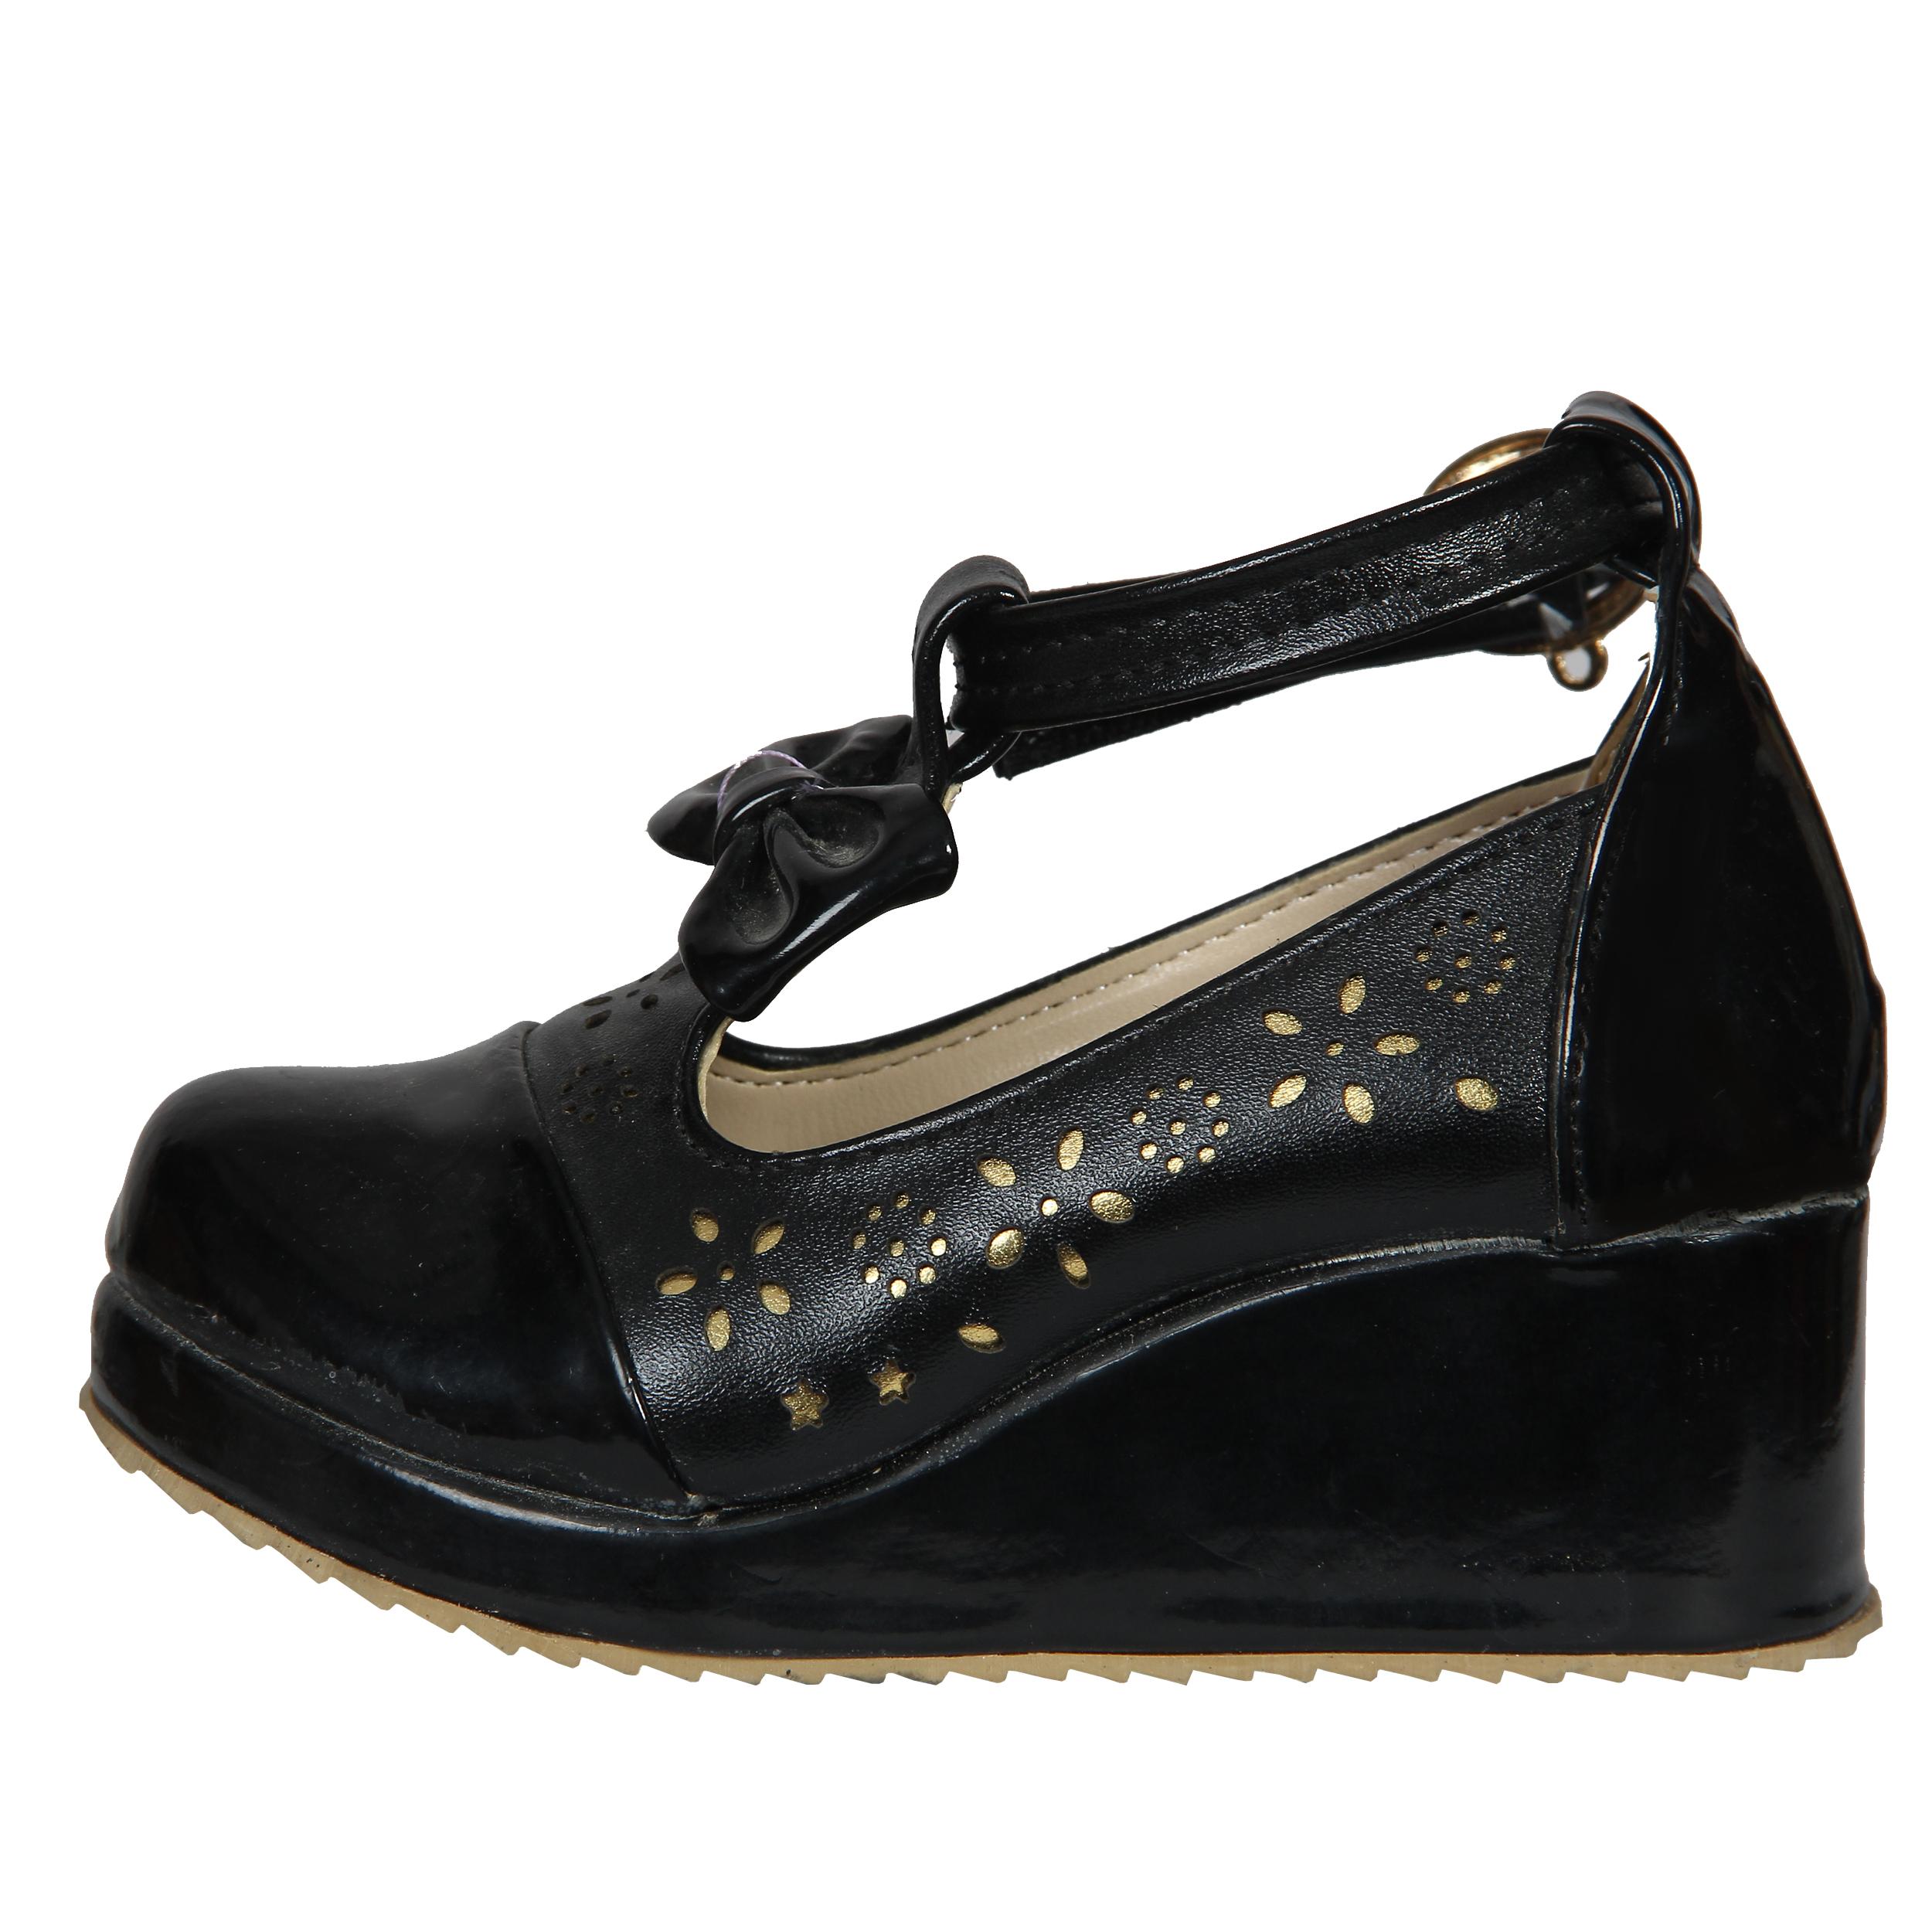 کفش دخترانه مدل پاپیون کد 406040